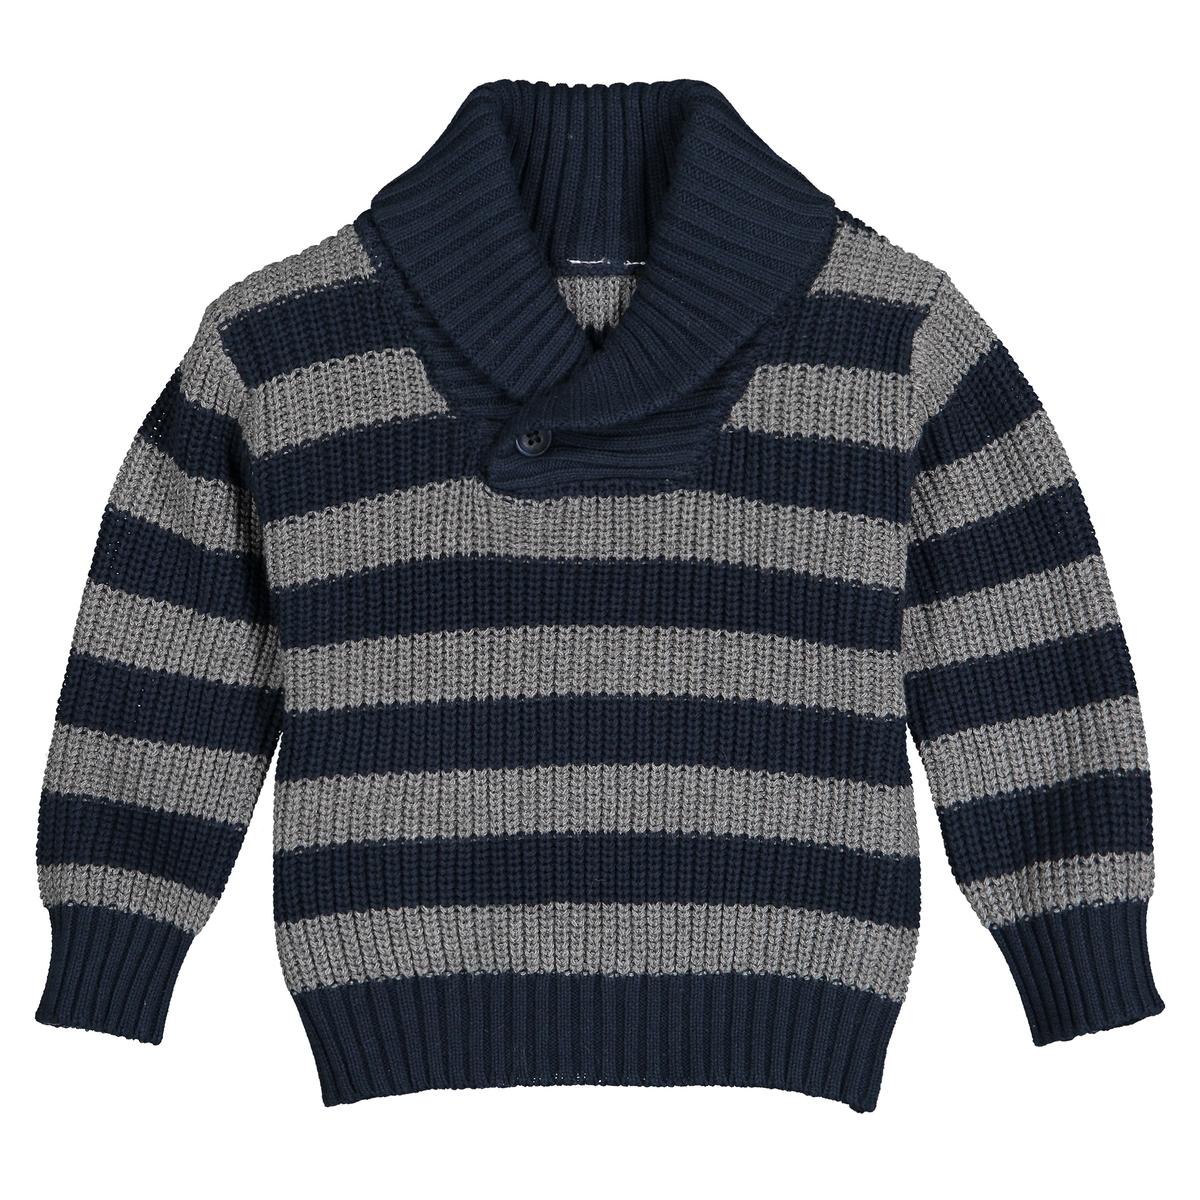 Пуловер La Redoute С шалевым воротником в полоску мес- года 1 мес. - 54 см синий блузка la redoute с отложным воротником с вышивкой мес года 1 мес 54 см красный